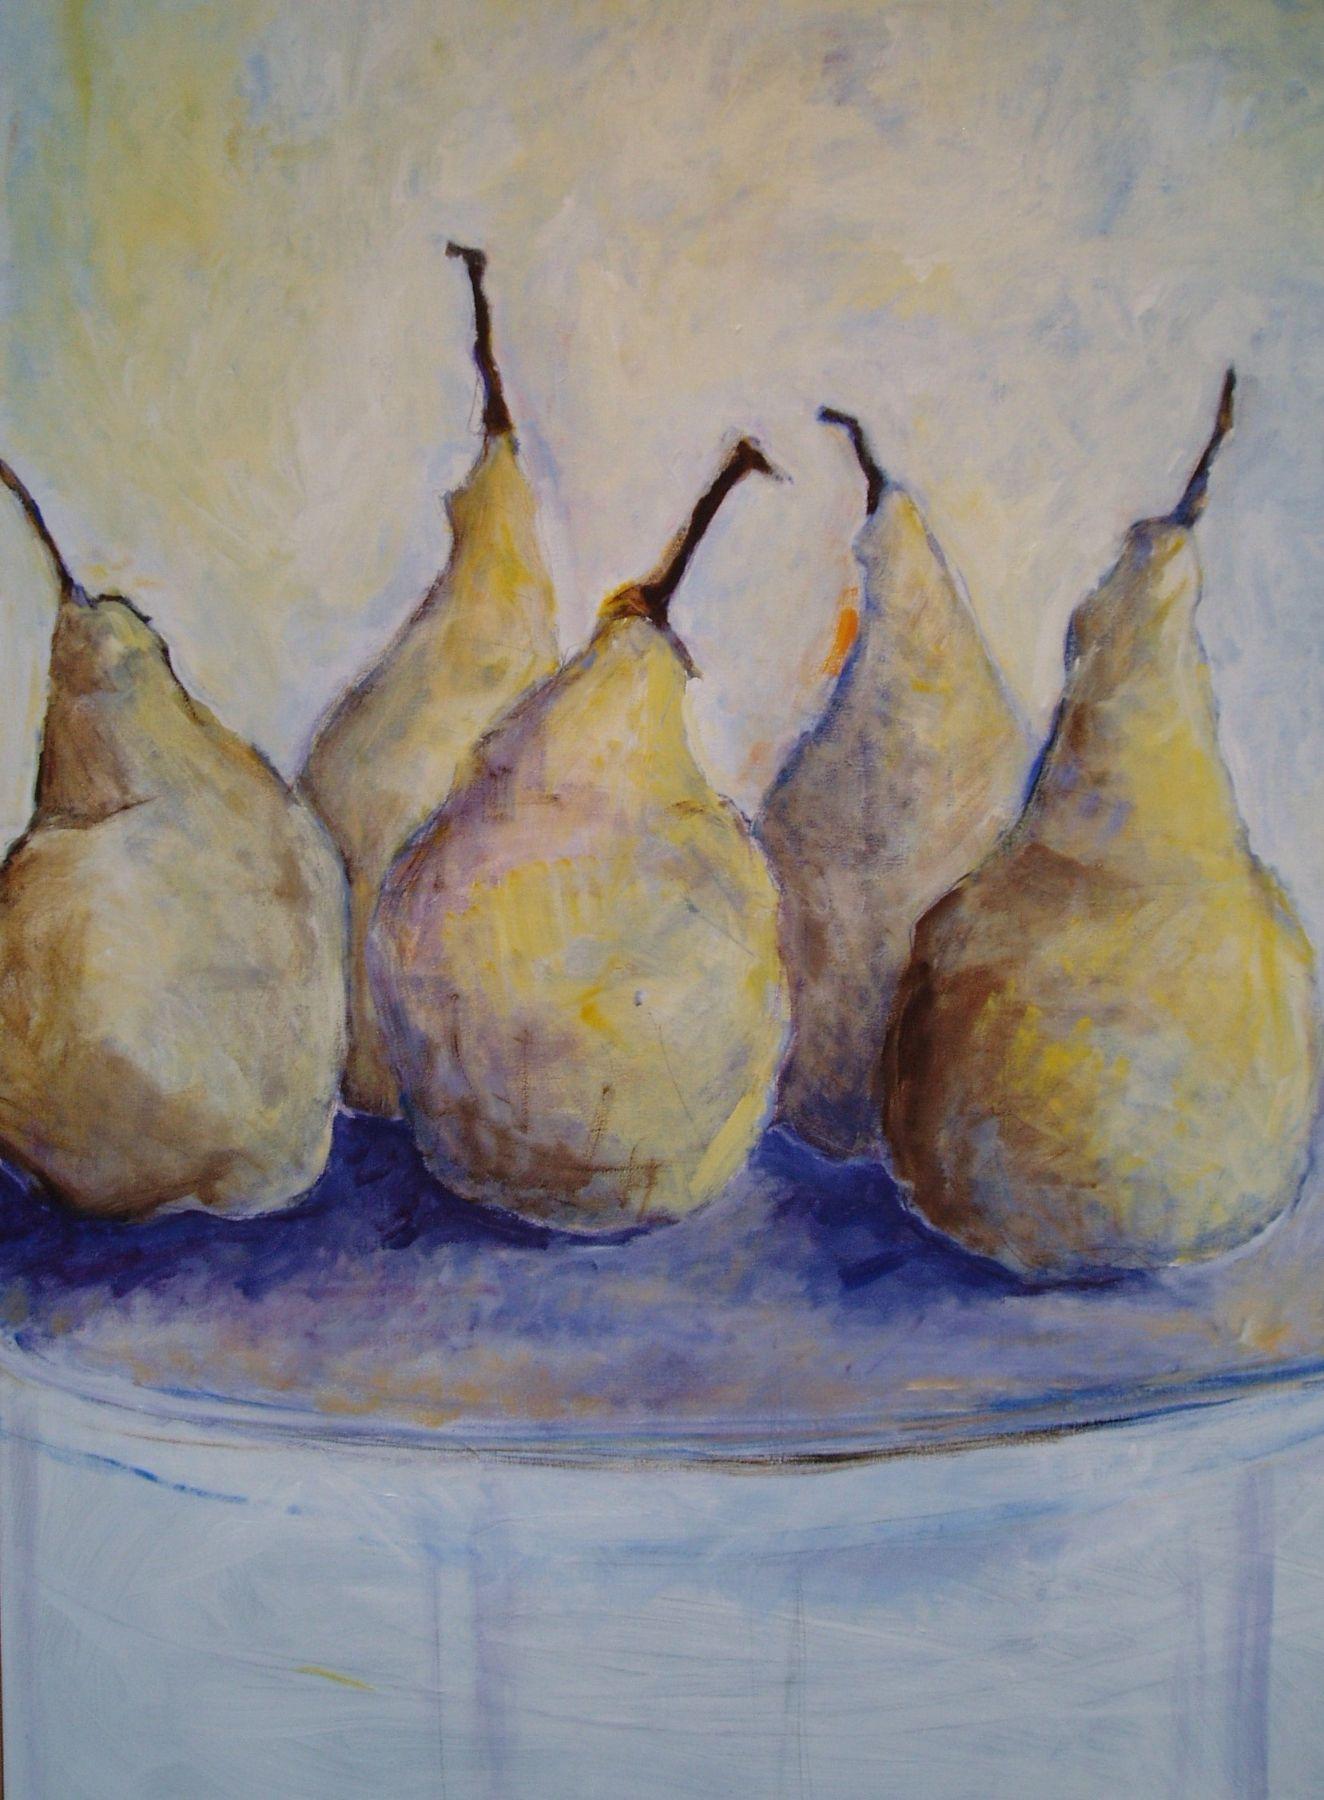 Pears - painting, acrylic on canvas by artist Neva Bergemann